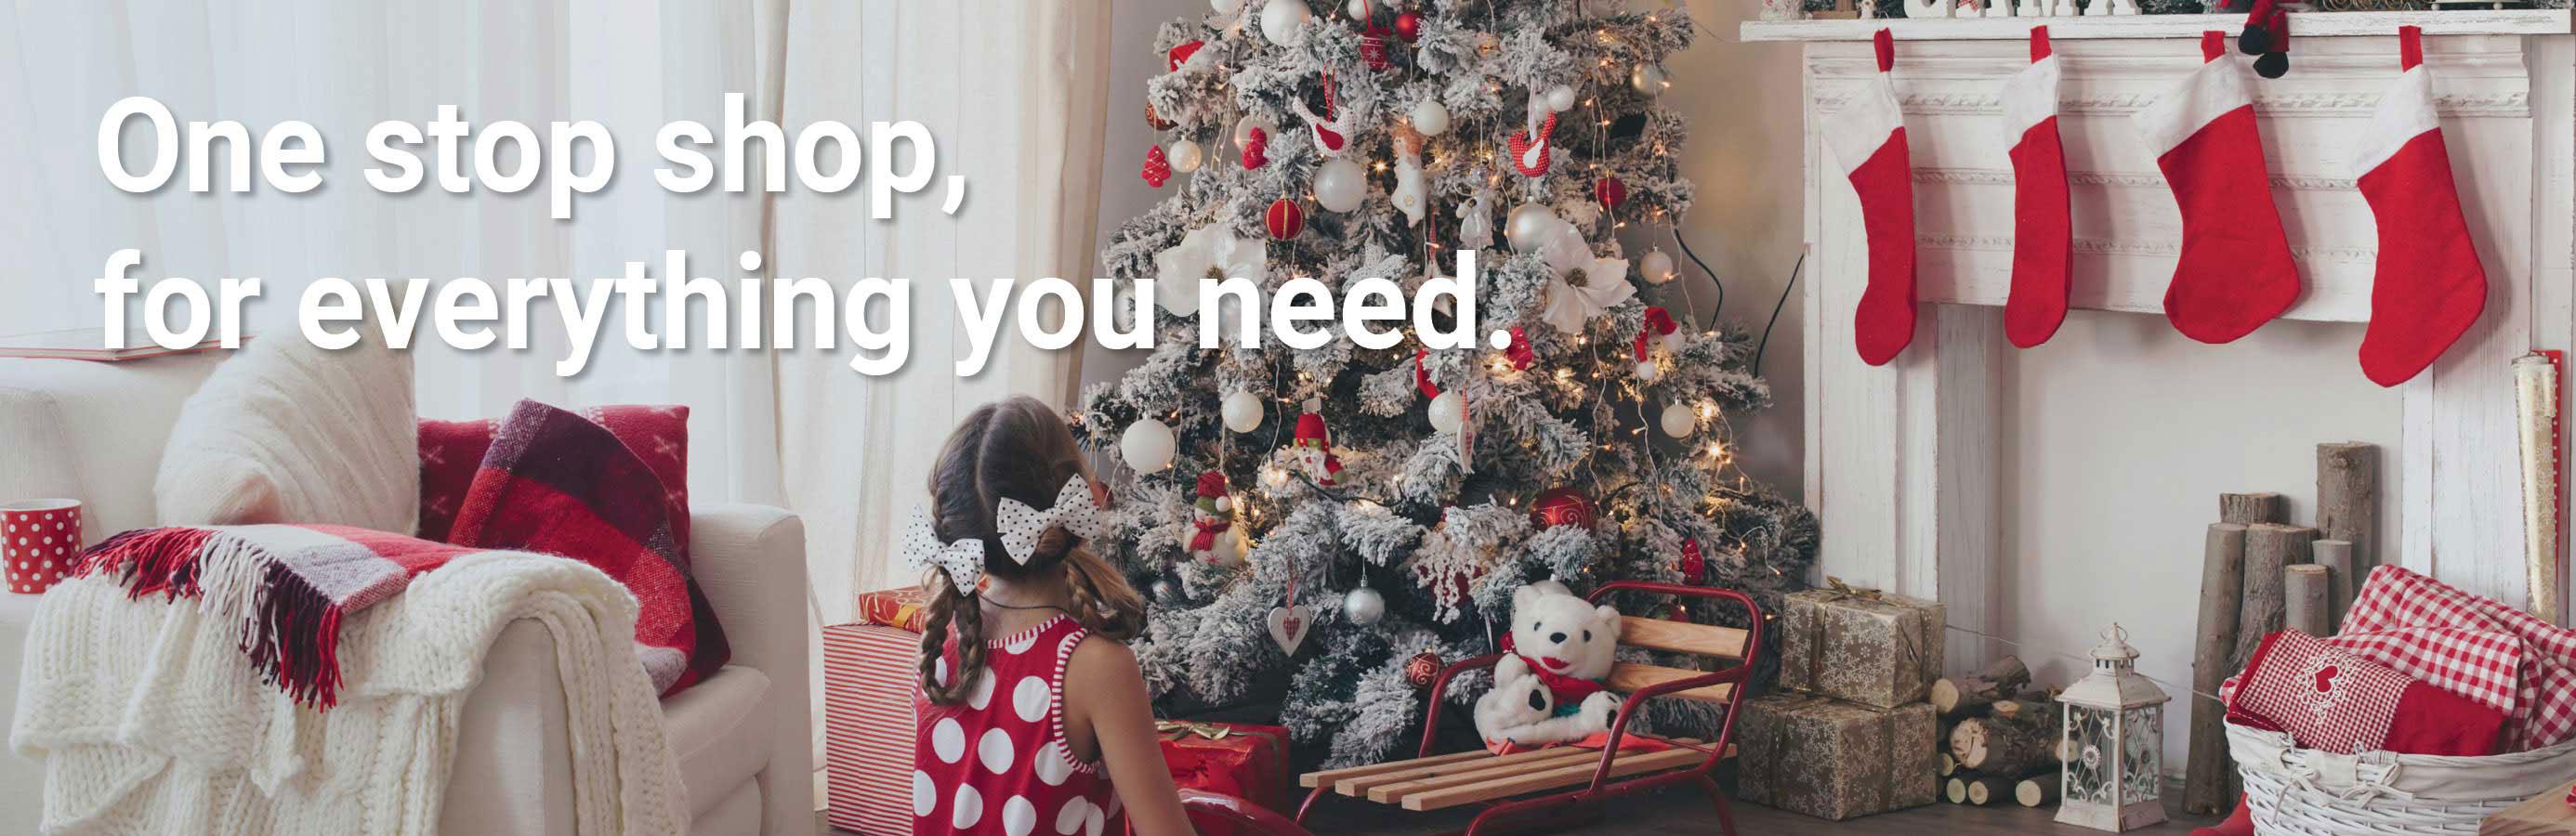 holiday home decor - Christmas Wholesale